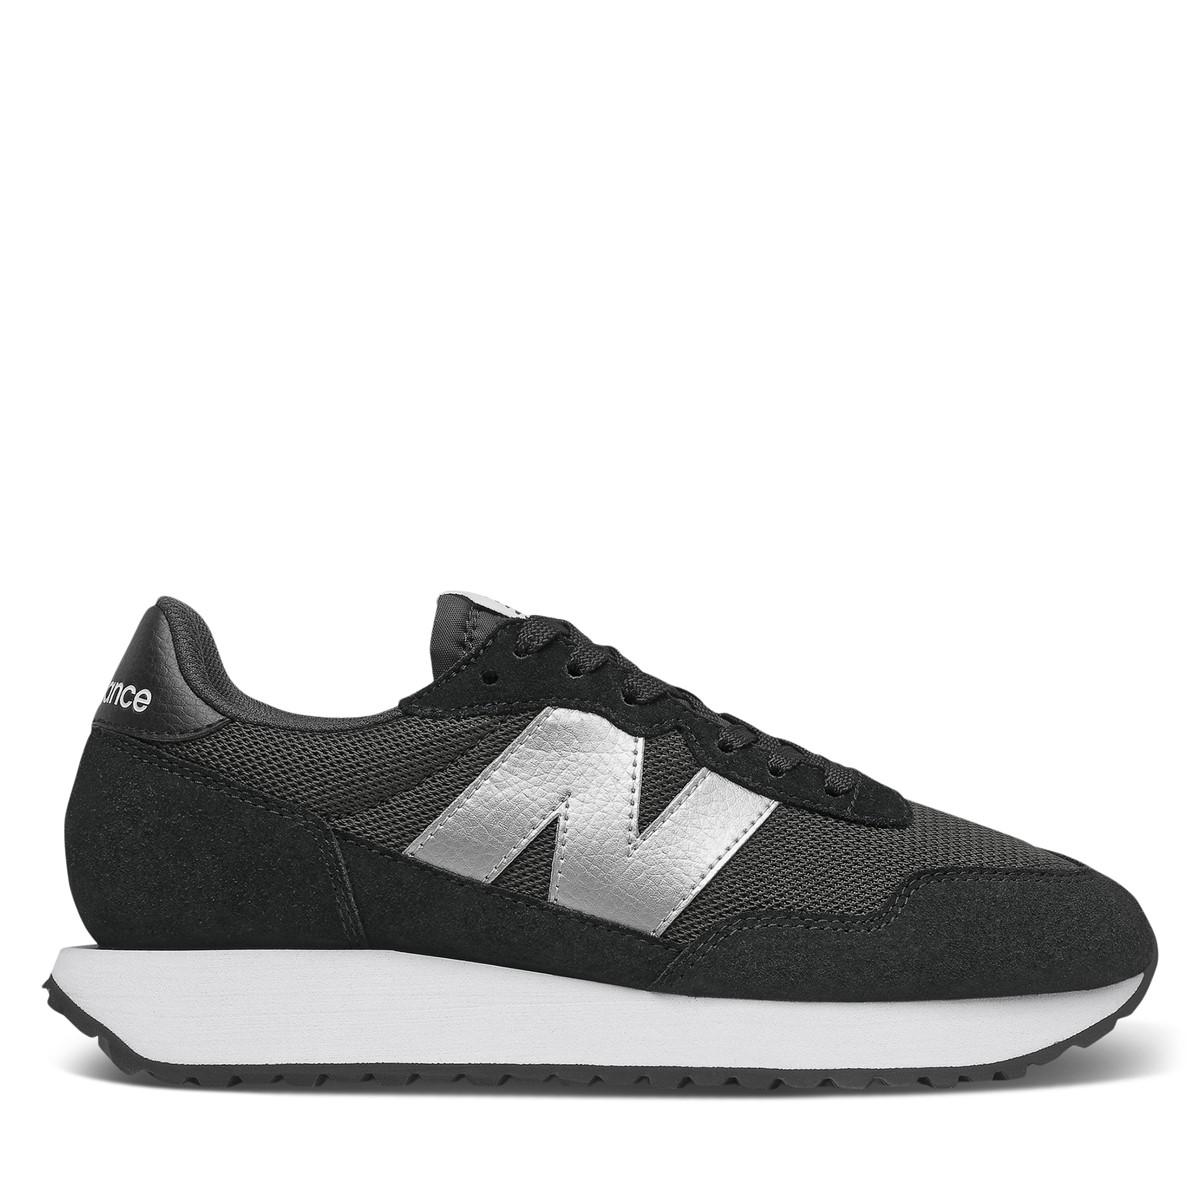 Women's 237 Sneakers in Light Black/Silver